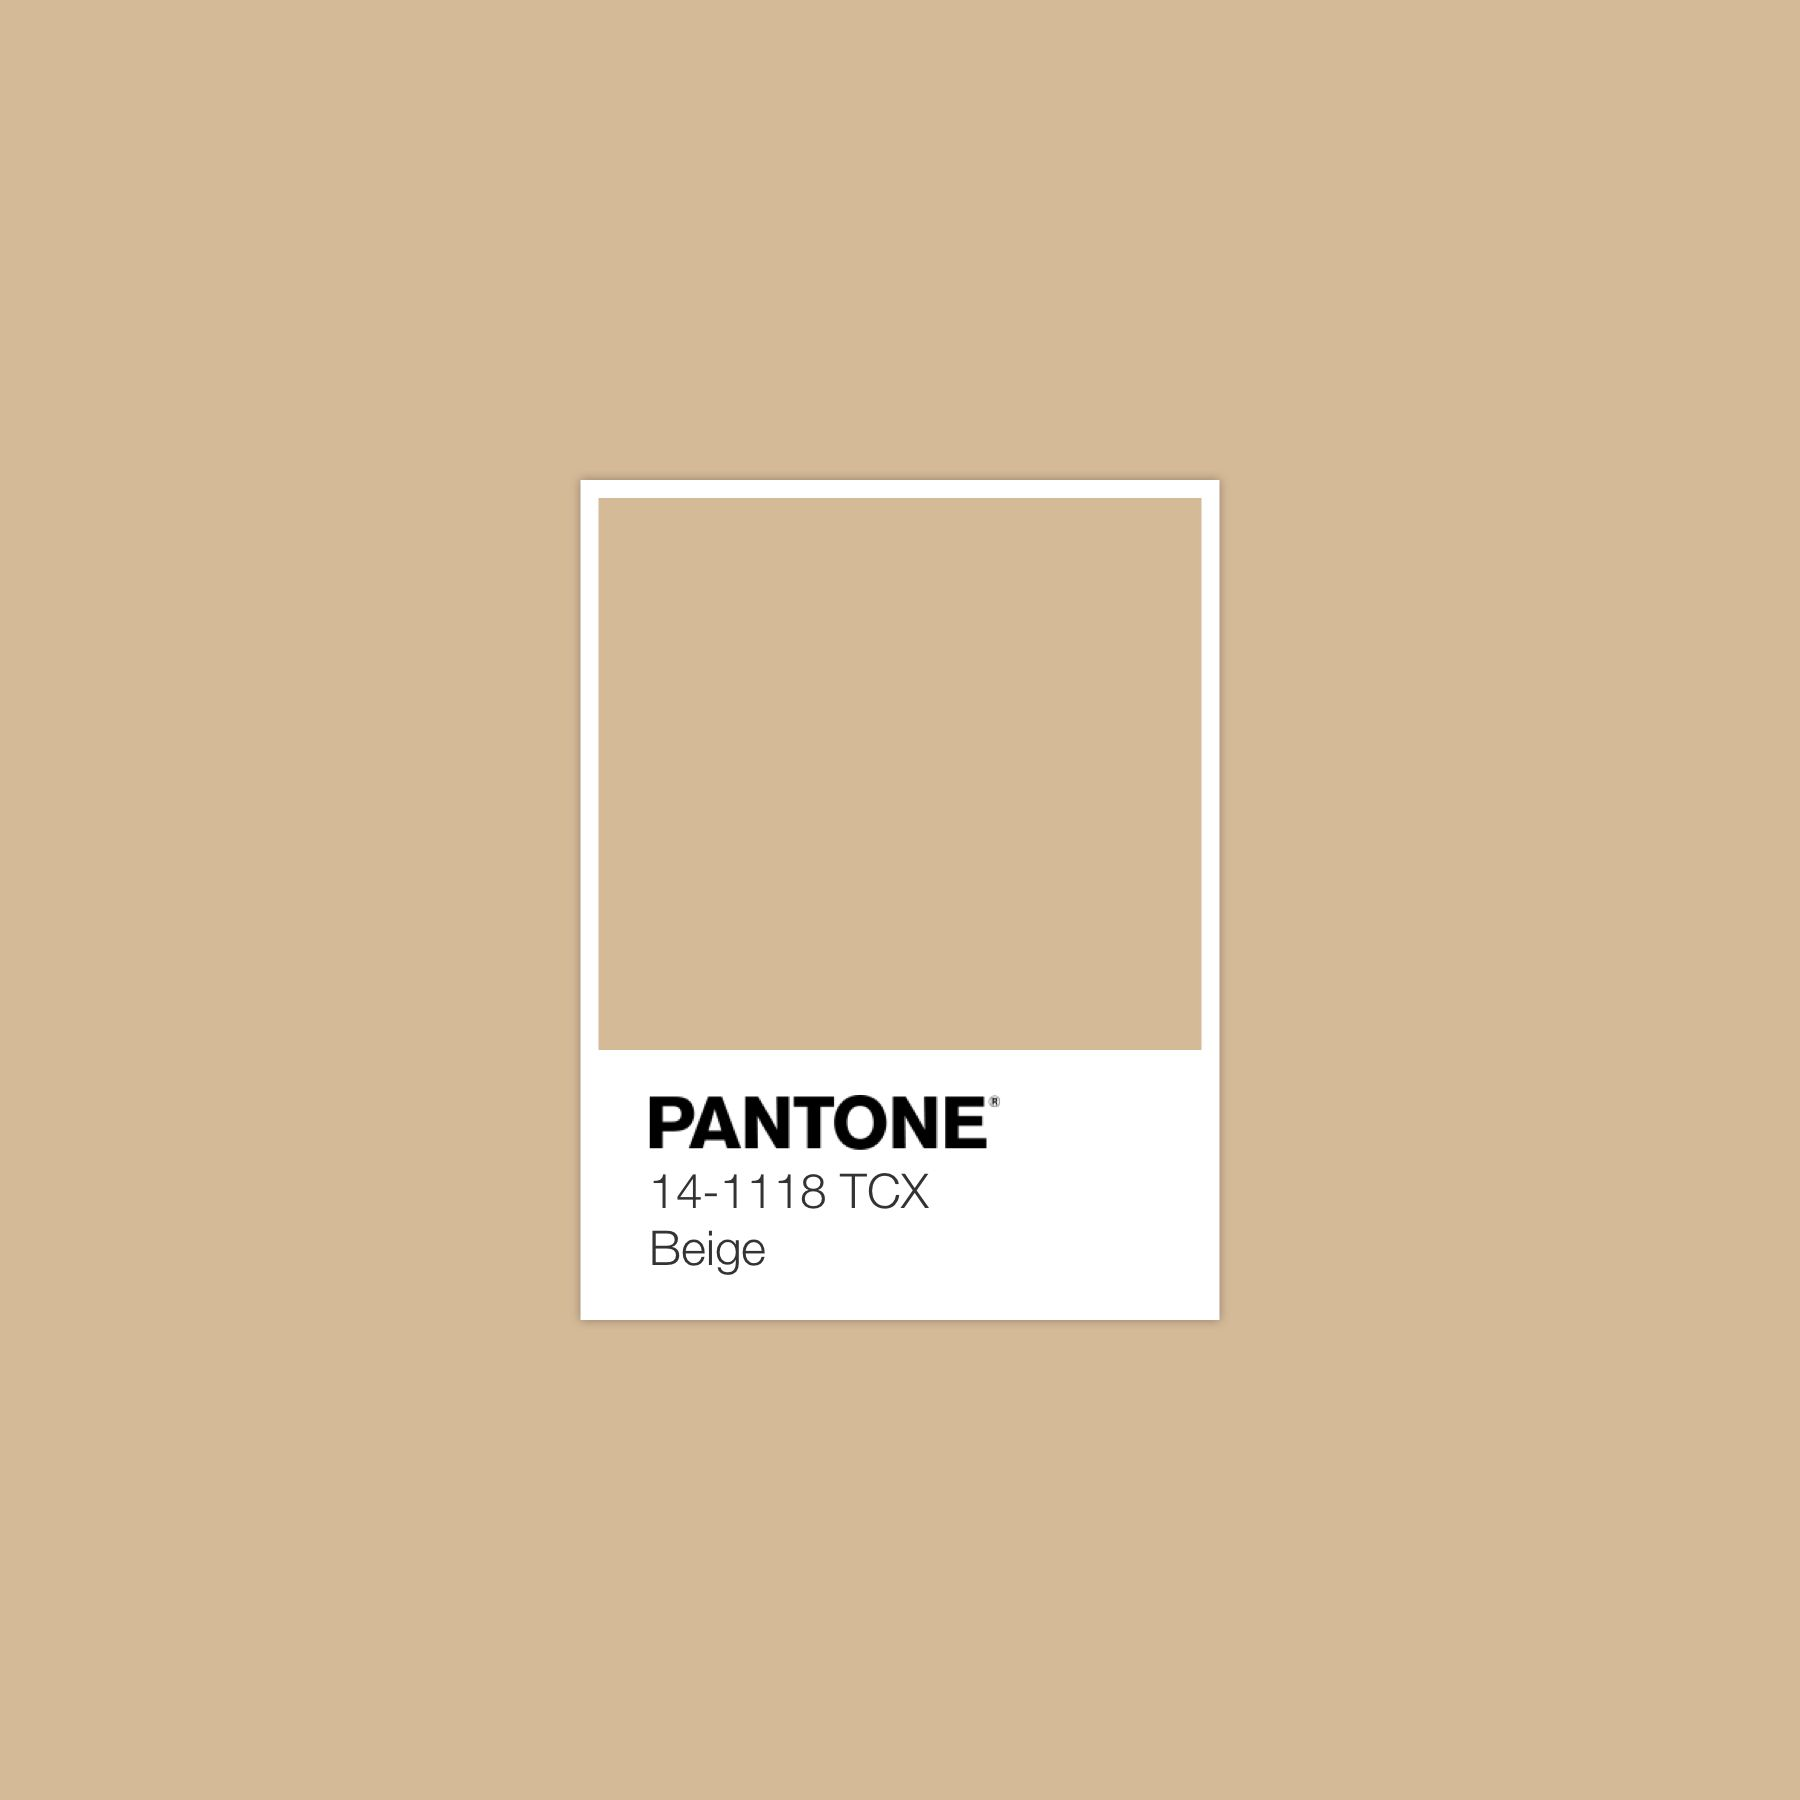 beige pantone luxurydotcom colour palettes yellow color pms 1925 2457 c